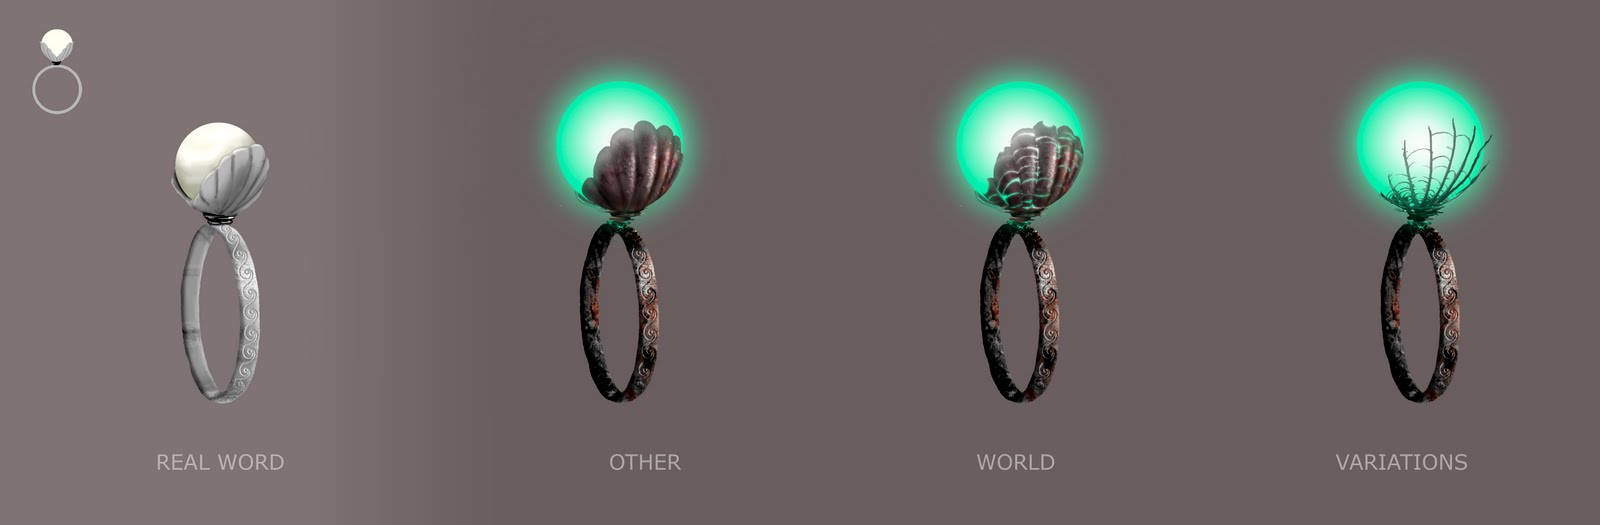 coraline-concept-art-200980.jpg